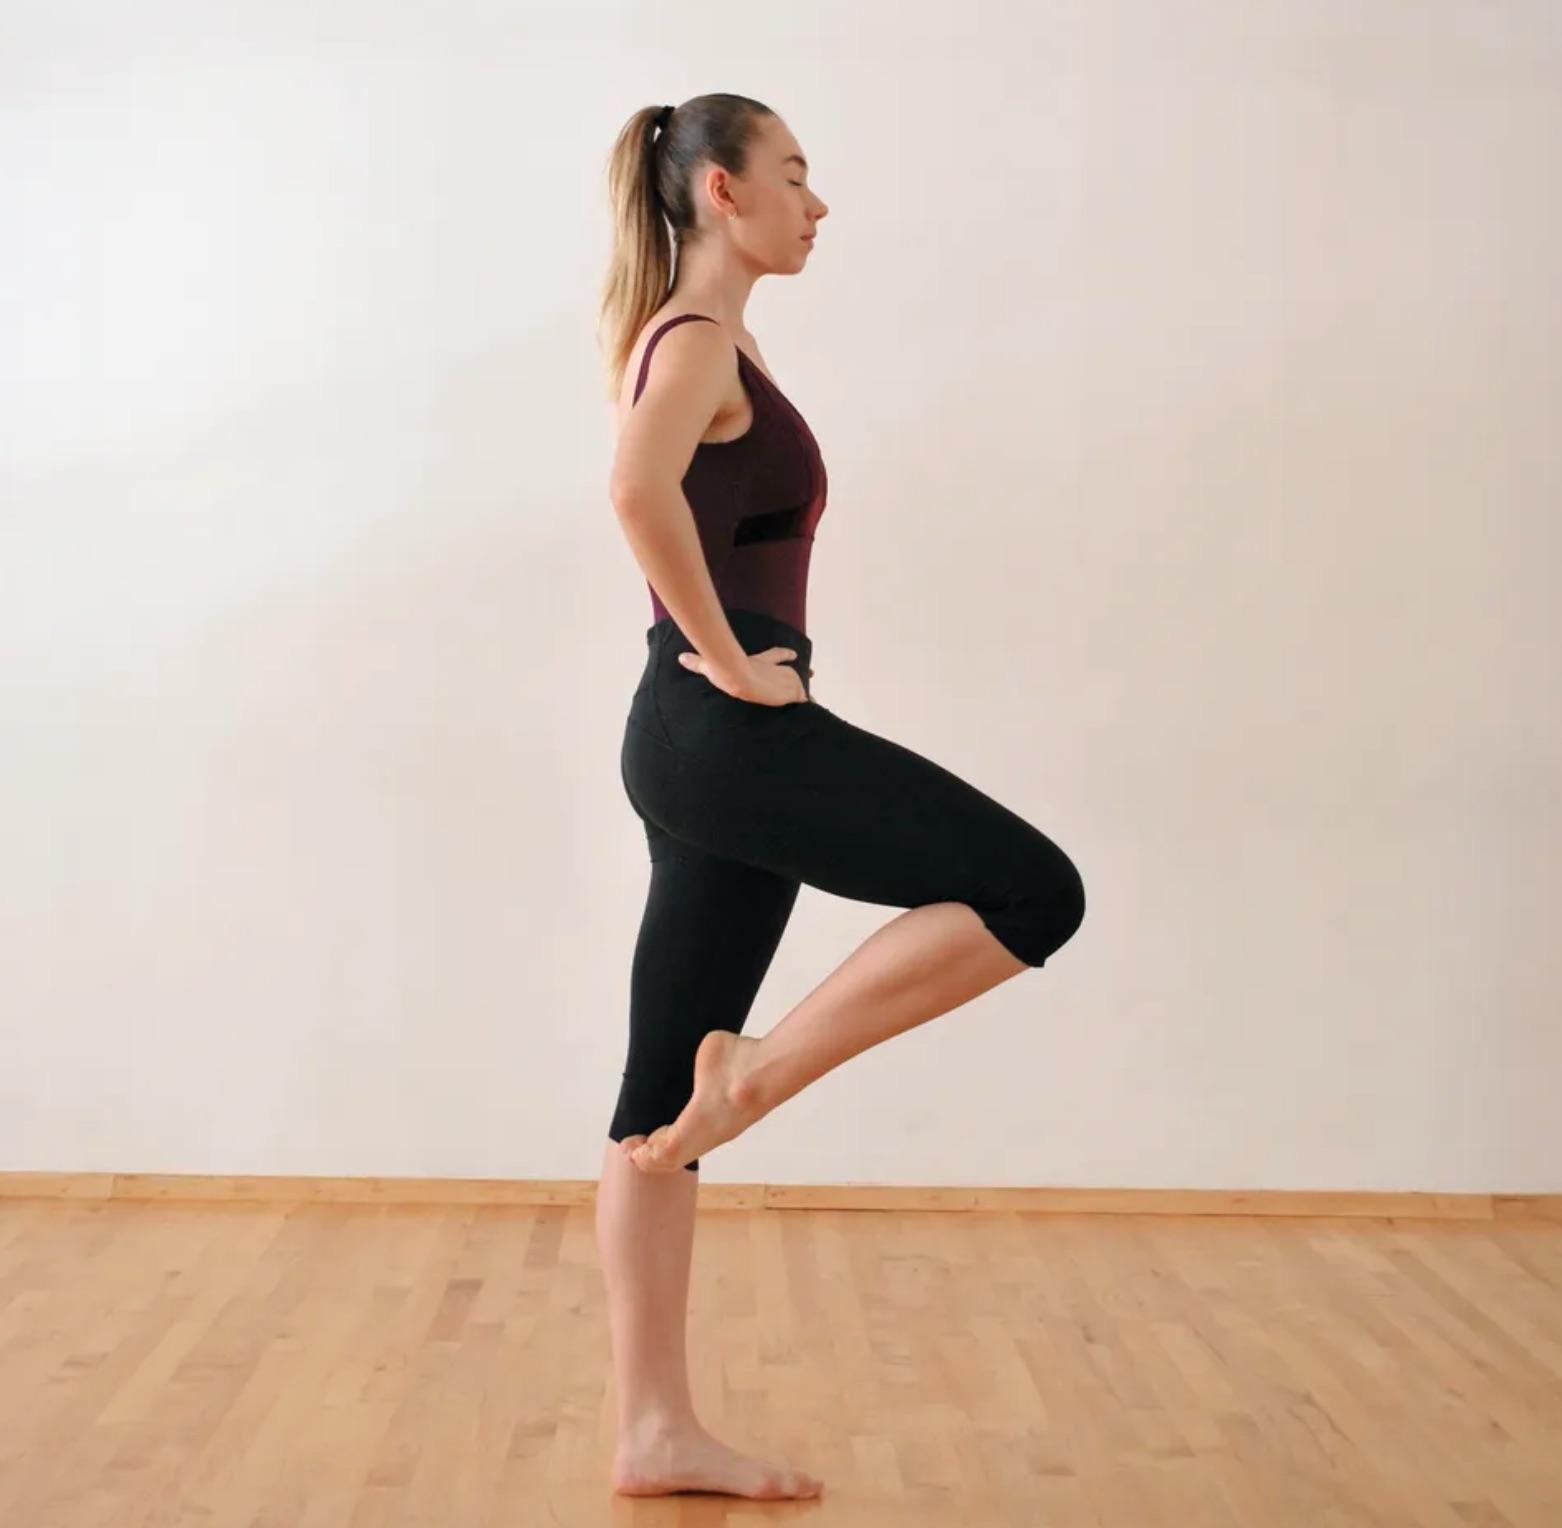 Dipendenza visiva nei compiti posturali dopo una distorsione di caviglia